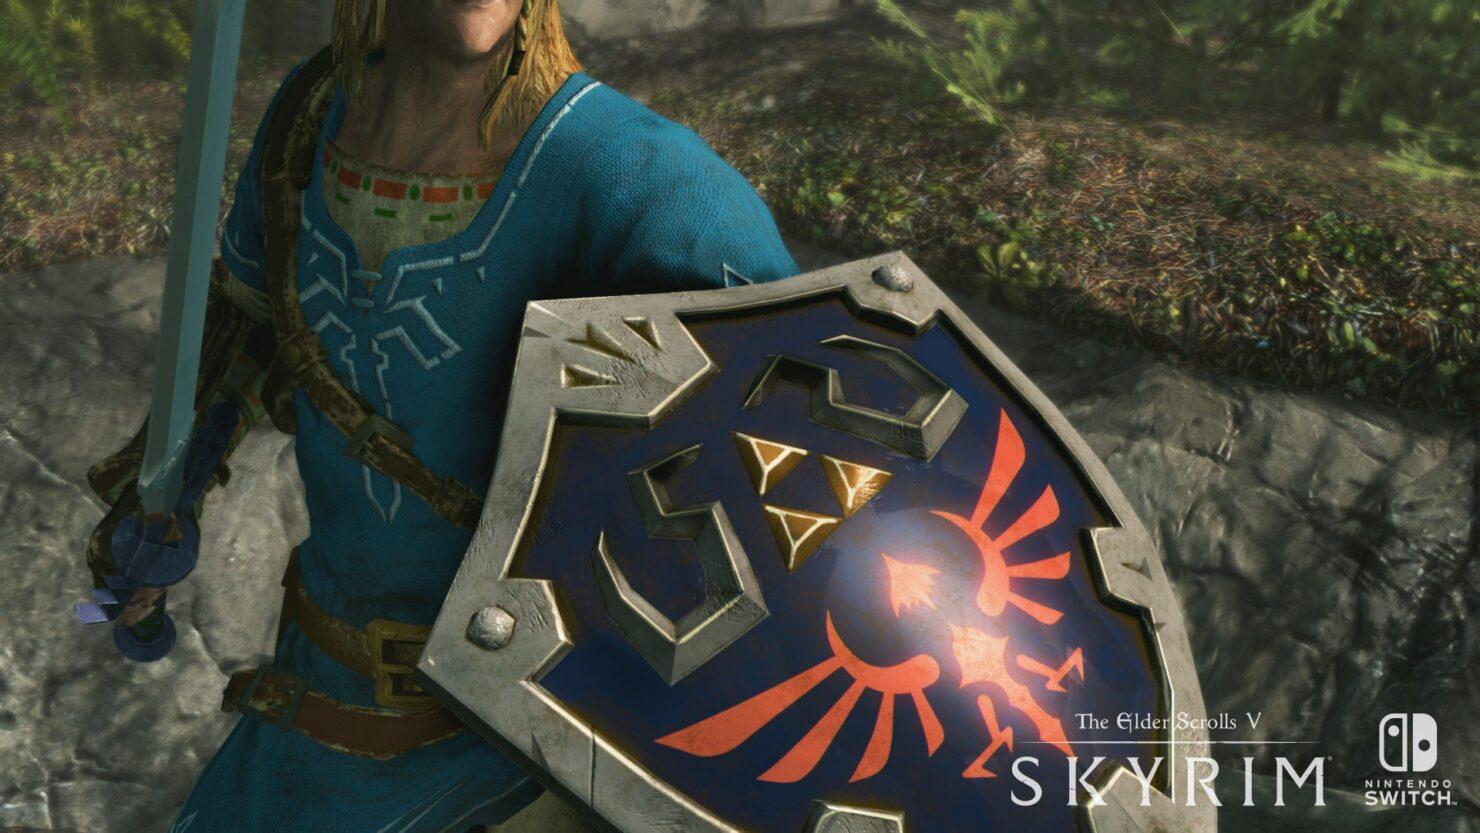 skyrim switch 4